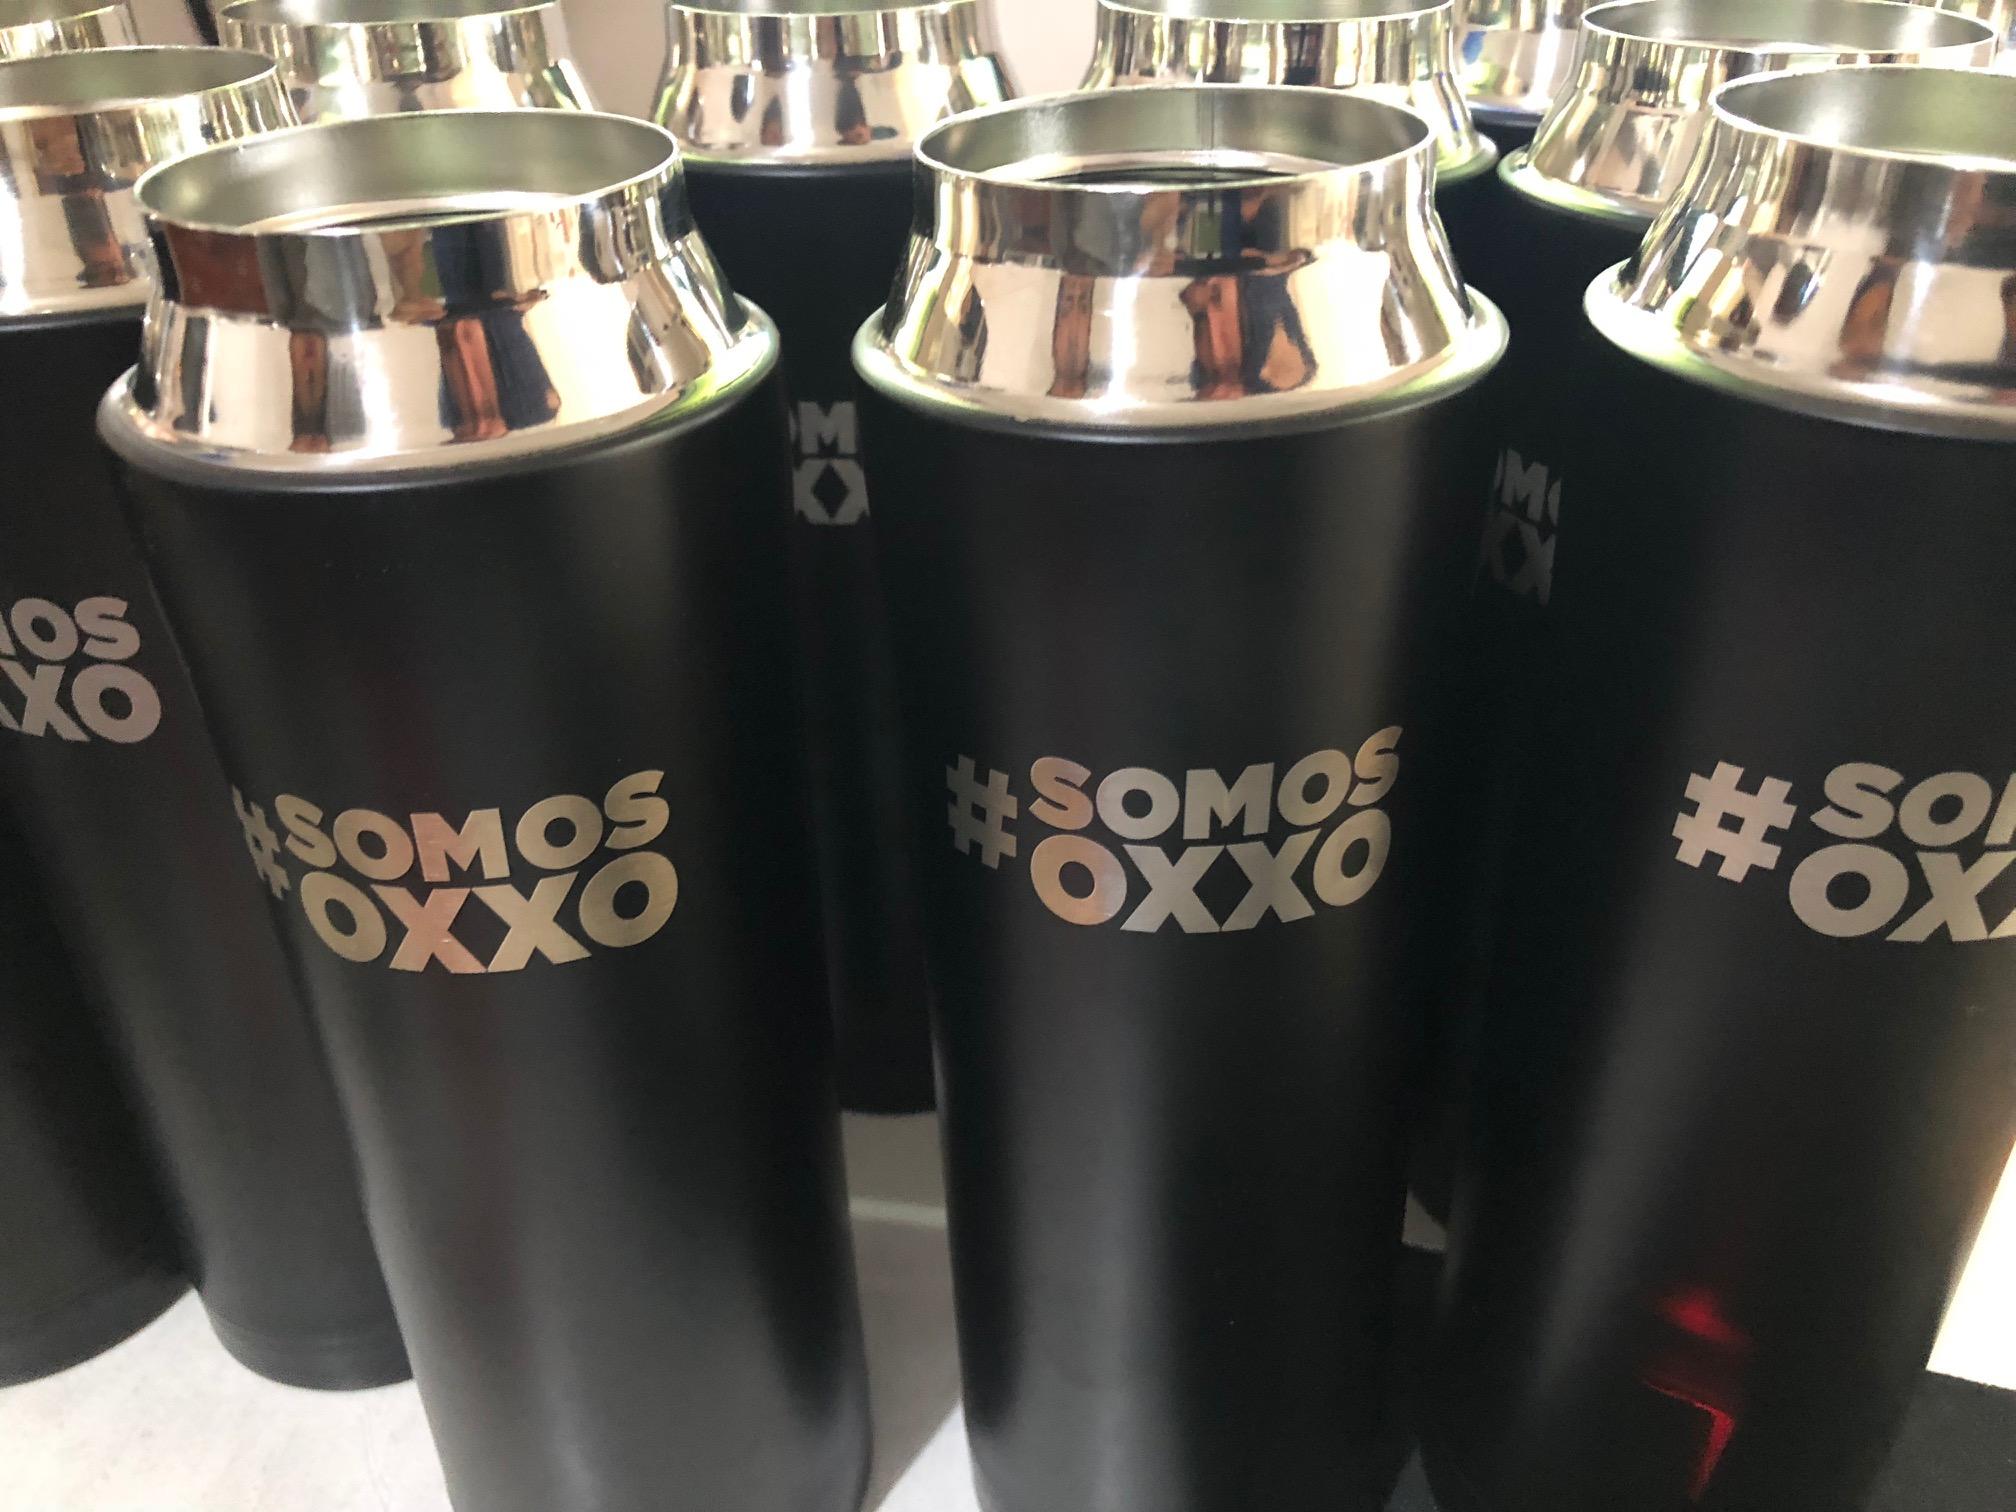 ·Somox OXXO ·KW 3, Trabajos Recientes